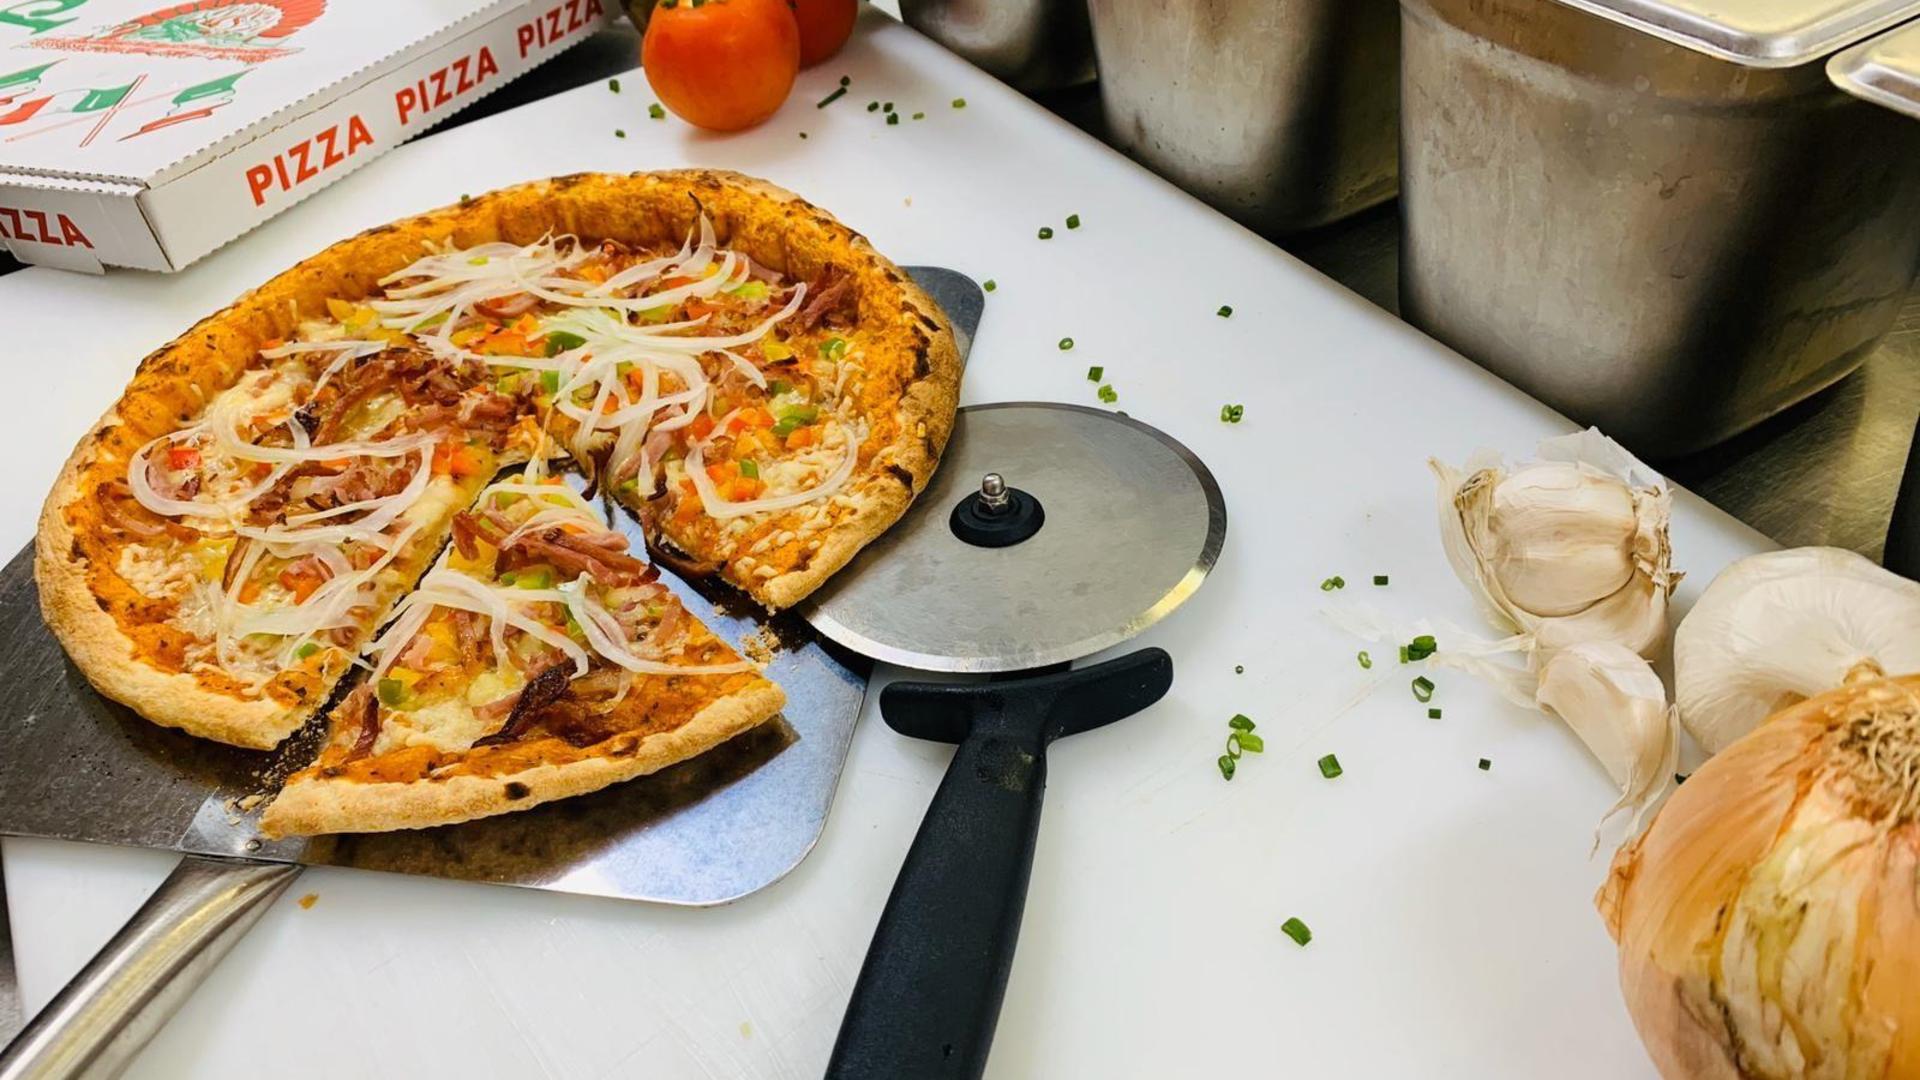 Keine Pizza gleicht der anderen